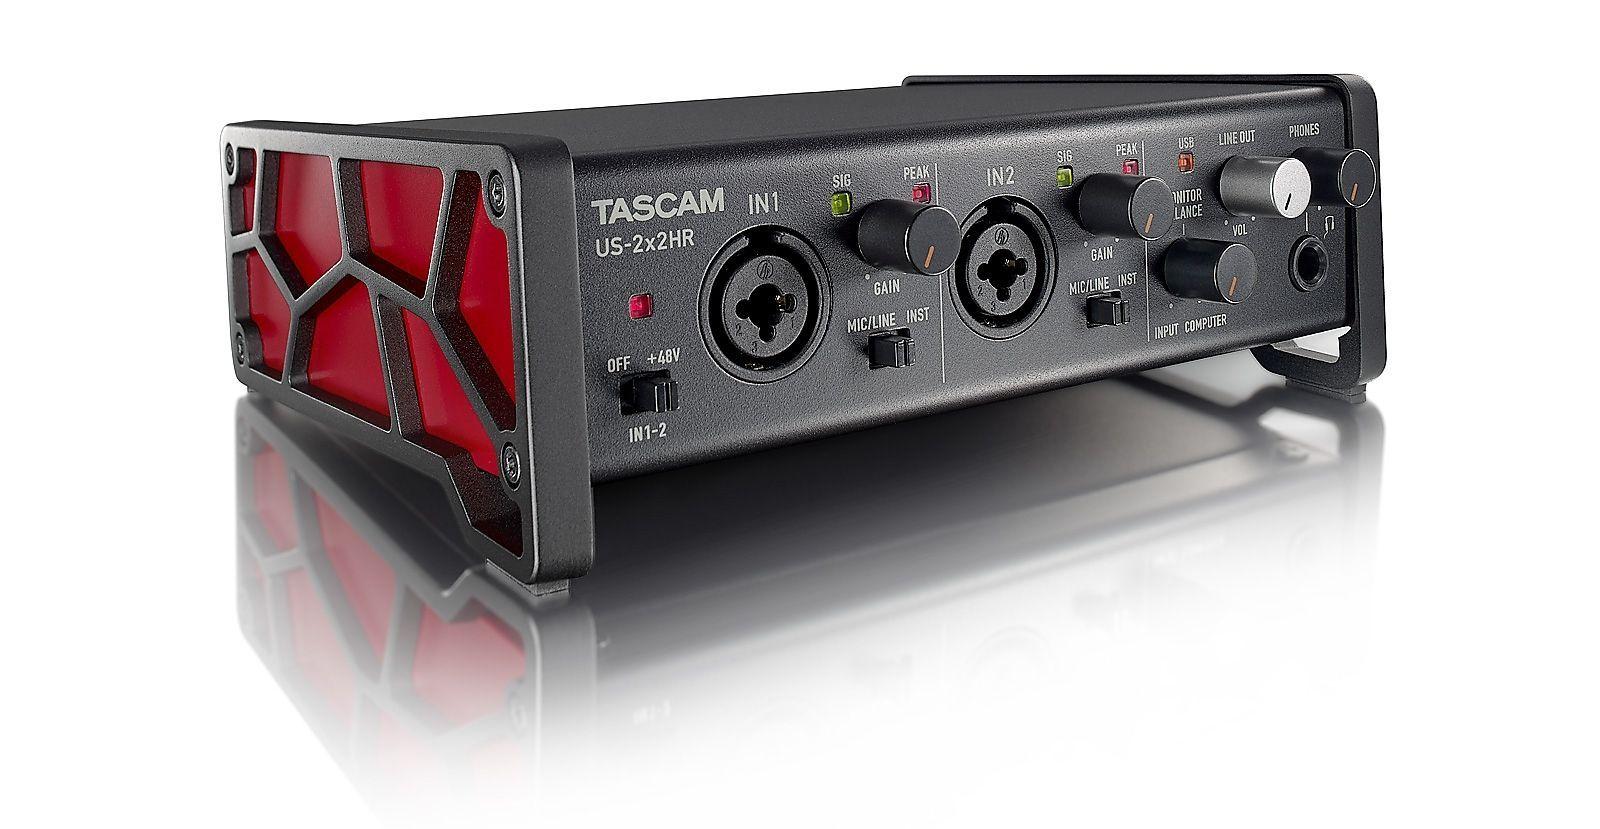 Tascam US-2x2HR USB Audio Interface 2-Kanal mit 2 Mikrofon-/Line-Eingängen